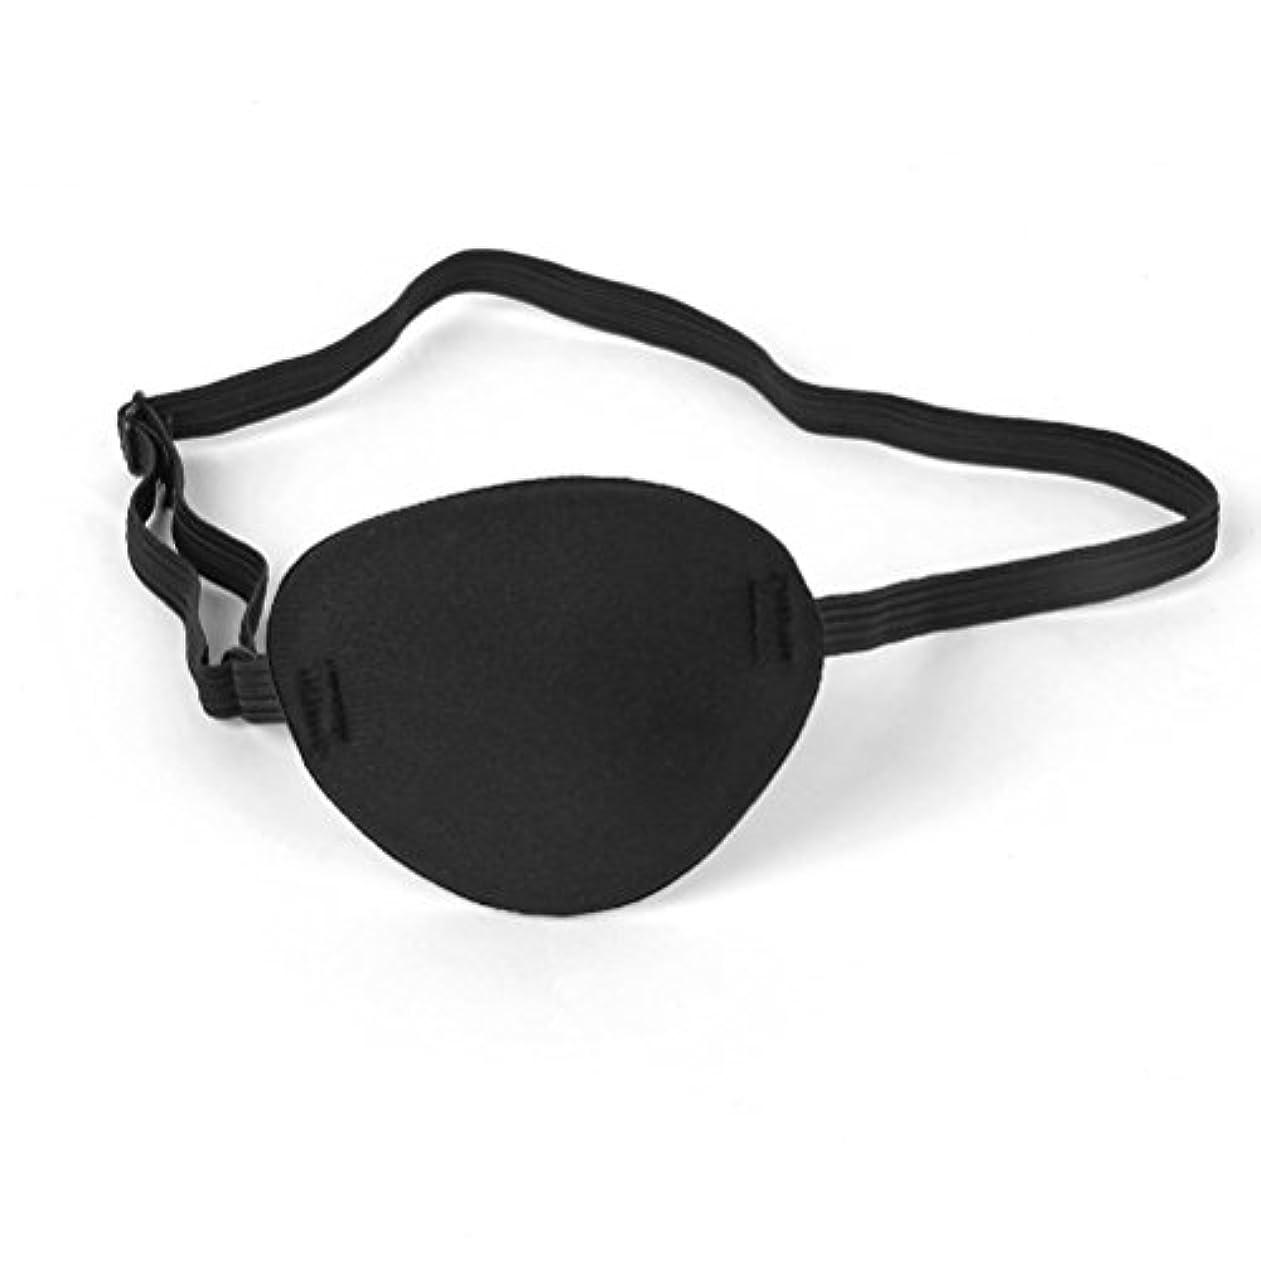 手術戻る拍手Healifty パイレーツスカルクロスボーンキッズアイパッチアイマスクfor Lazy Eye(Black)